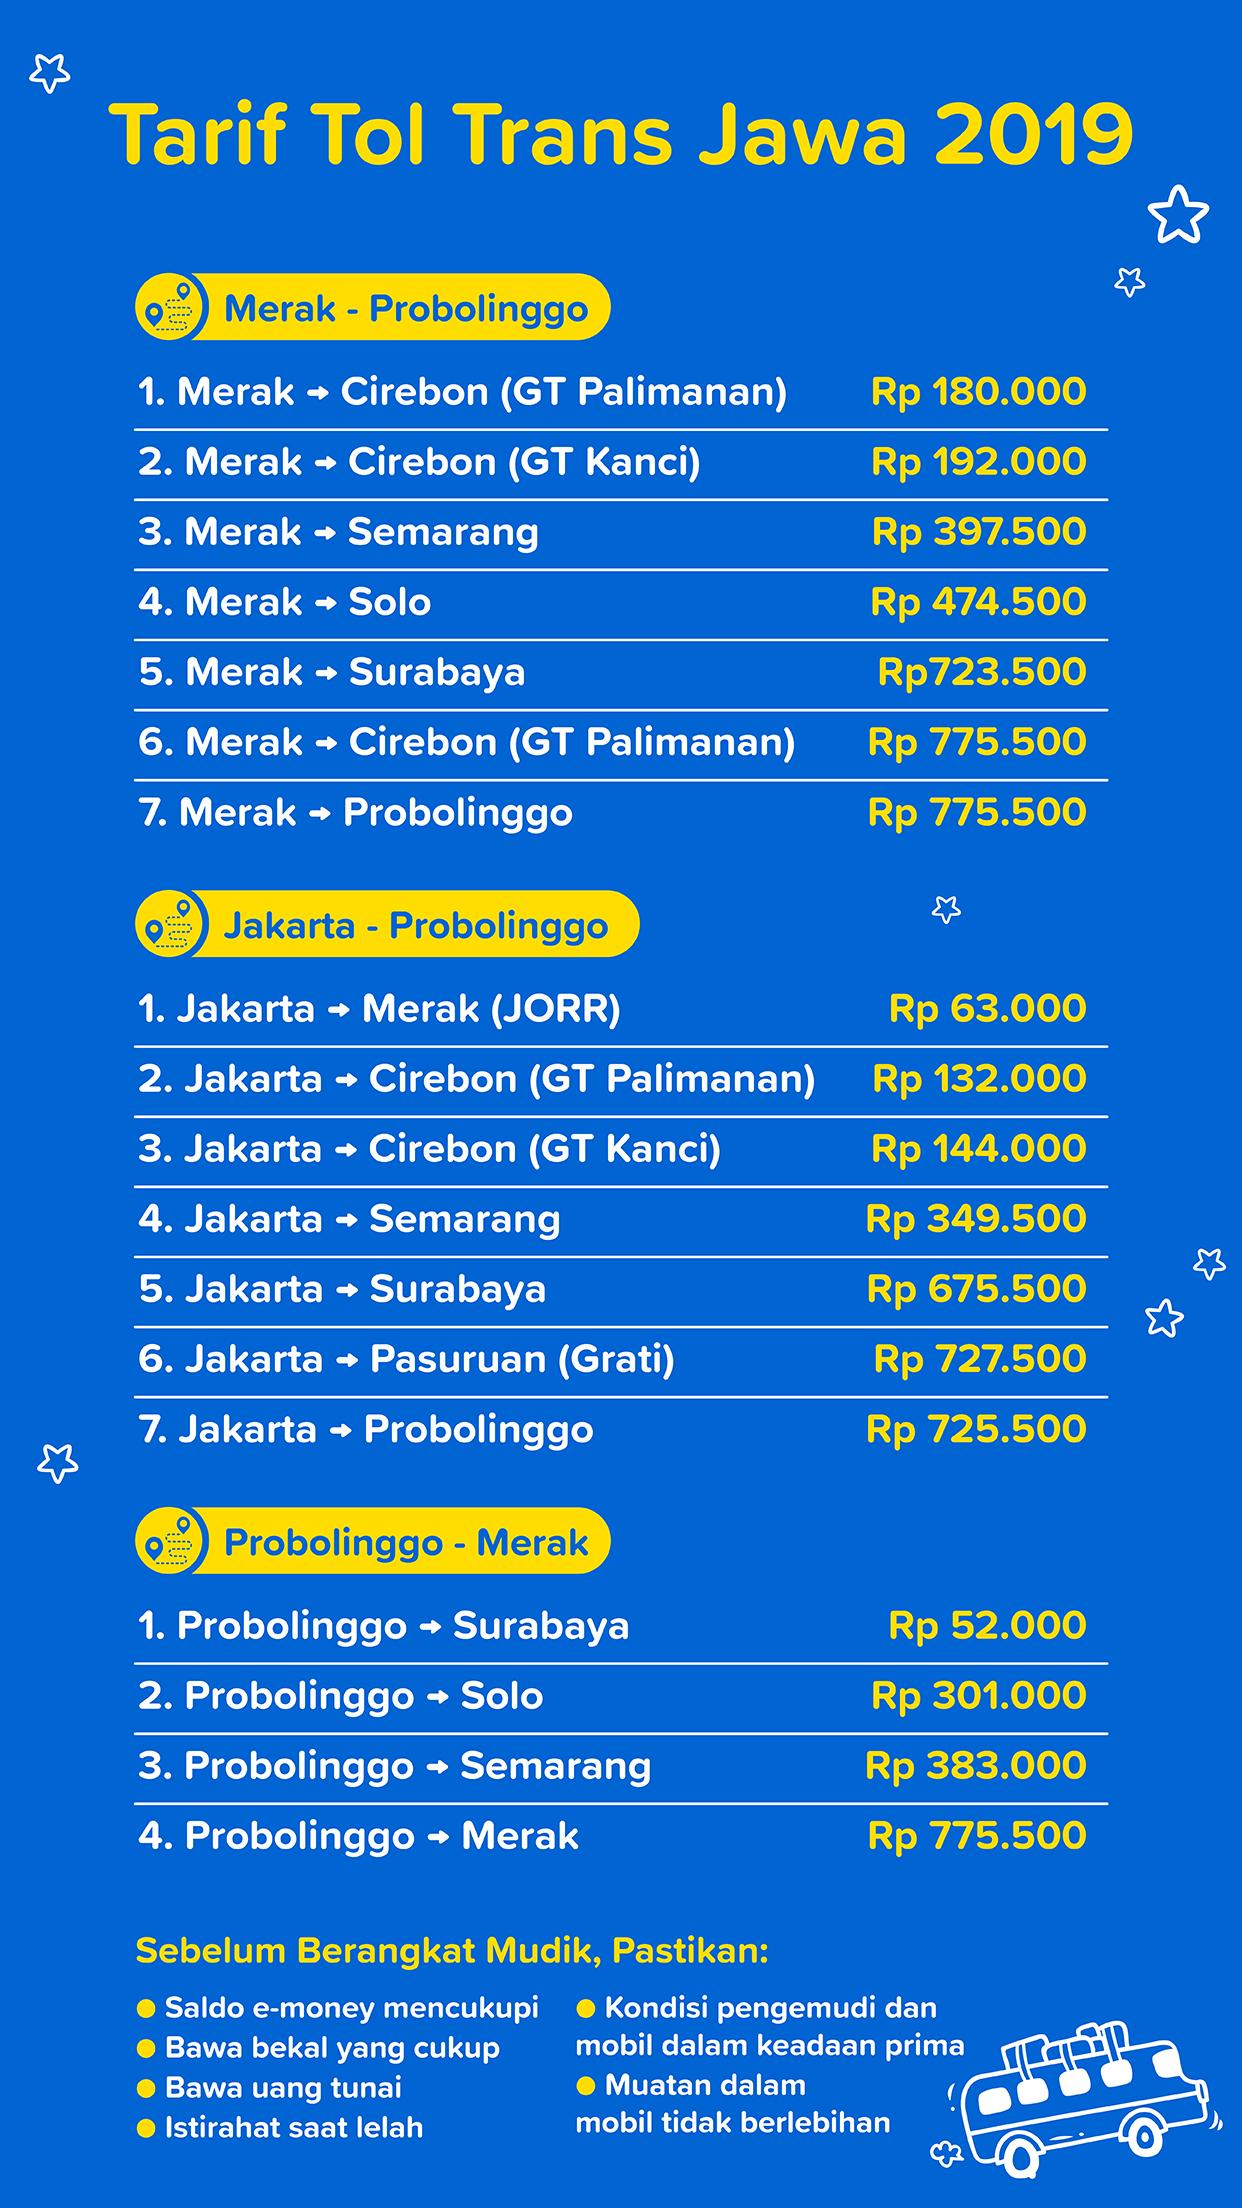 Tarif Tol Trans Jawa 2019 Terbaru Dan Paling Lengkap Tiket Com